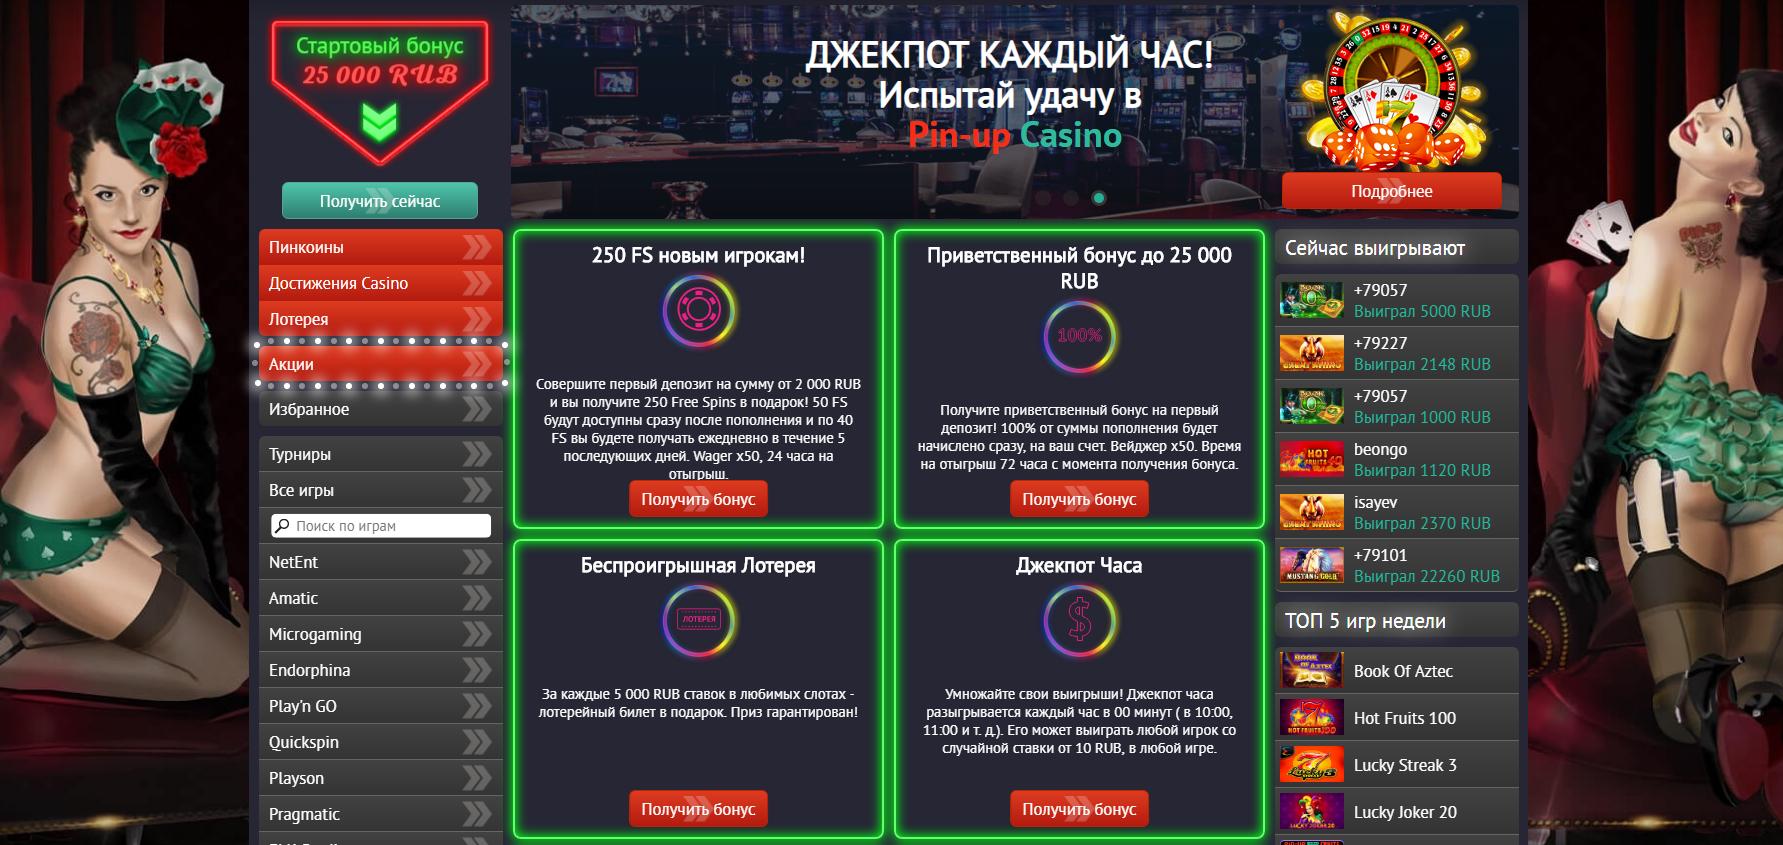 эксклюзивный казино бонус от Pin Up Casino на первый депозит